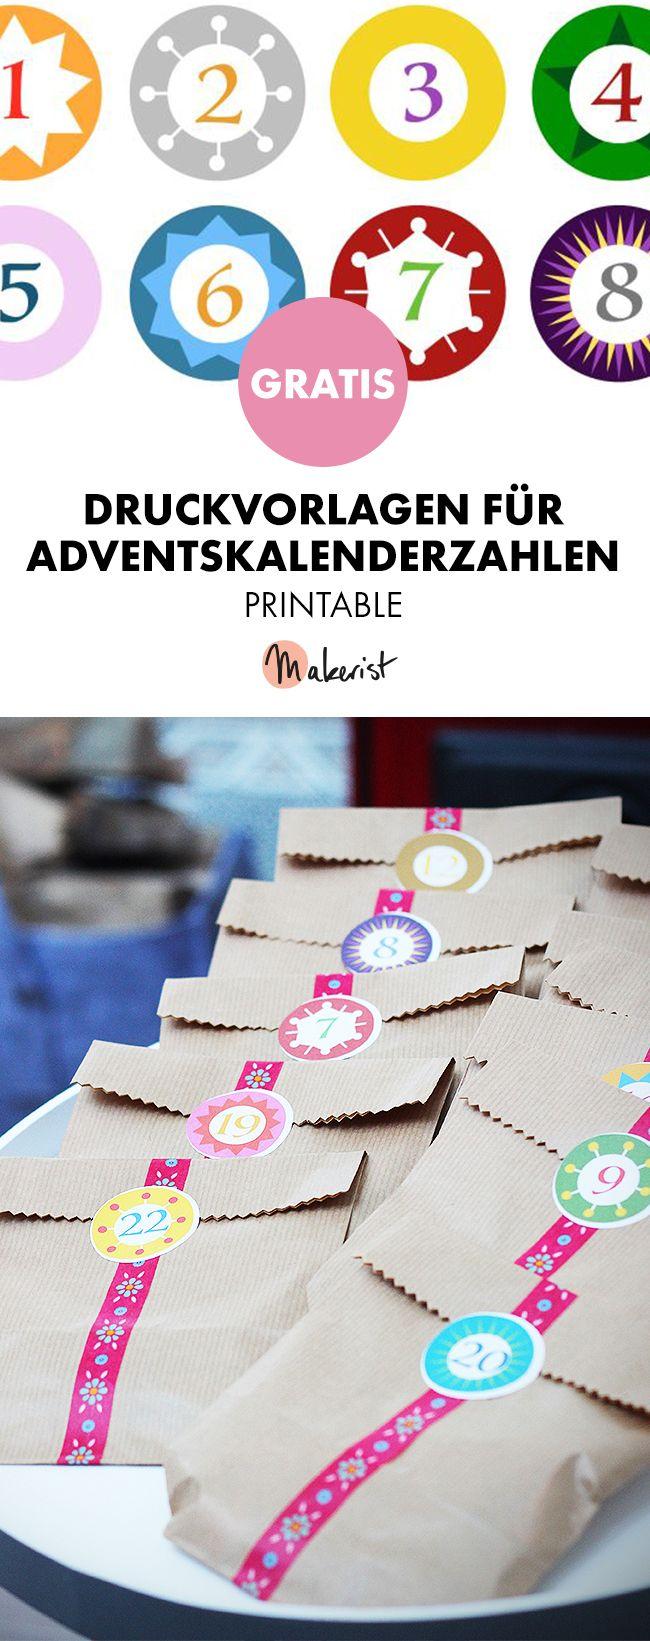 Adventskalenderzahlen zum selbst ausdrucken - Druckvorlage via Makerist.de